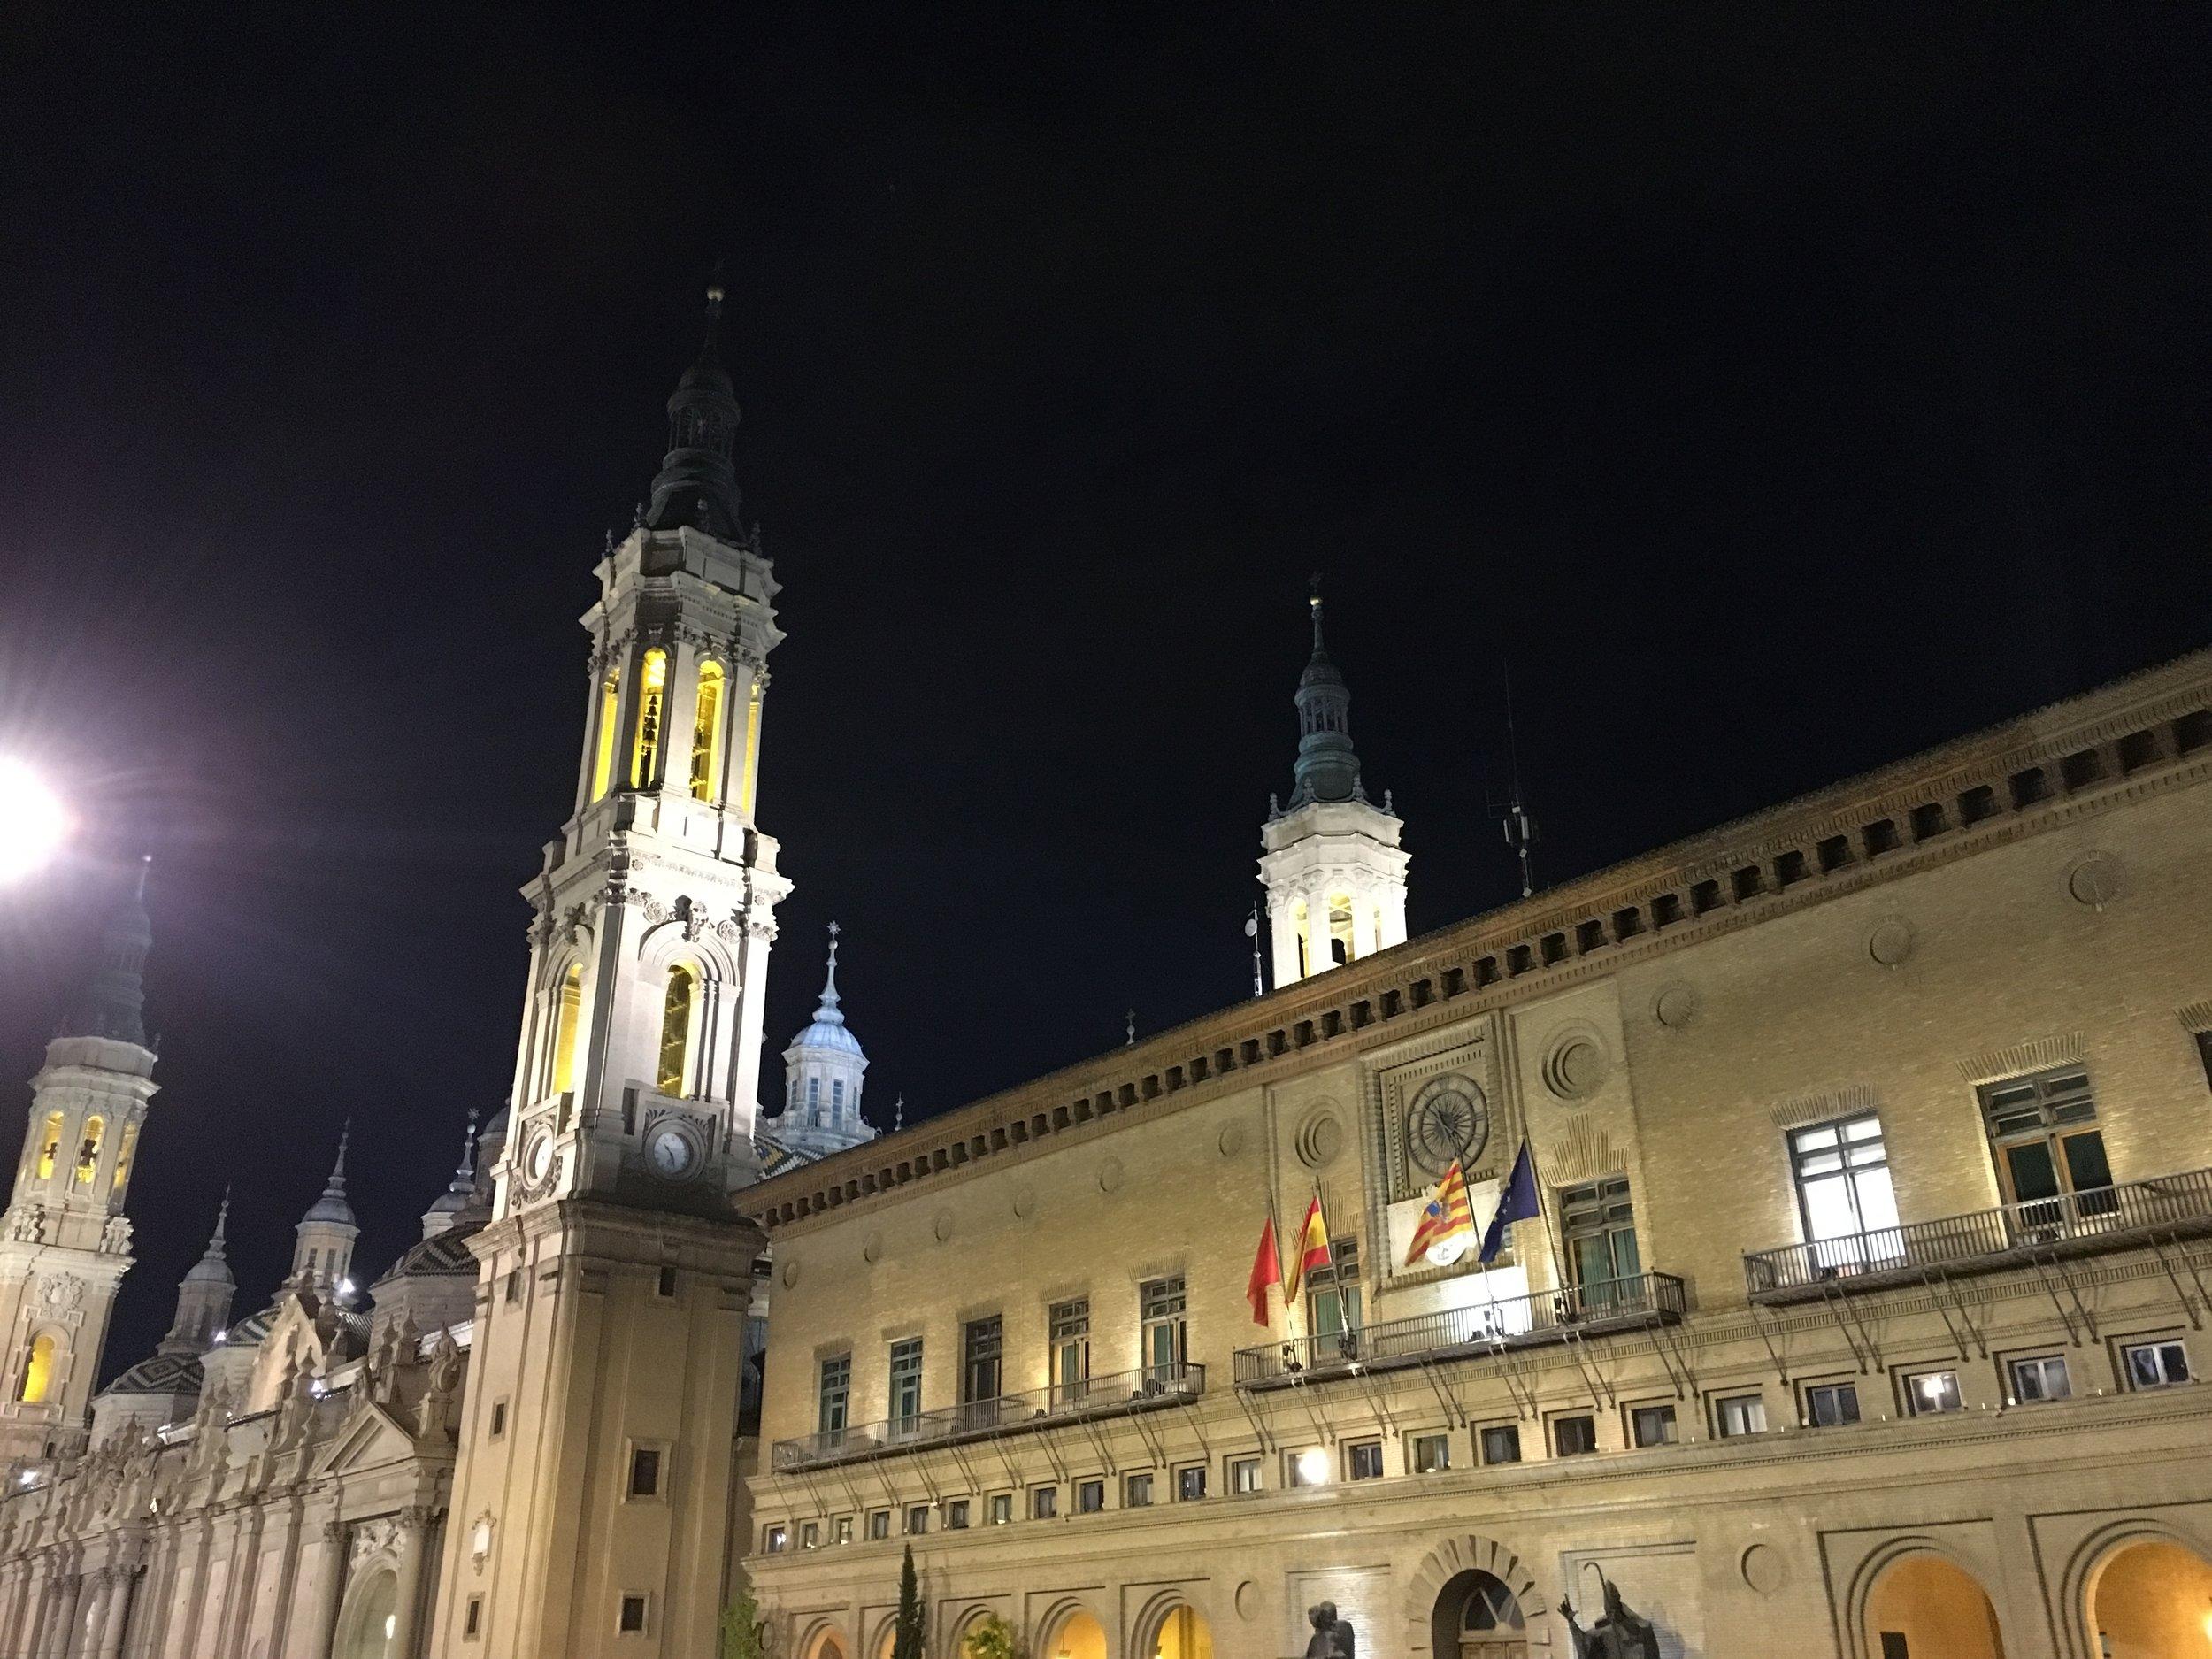 Zaragoza at night